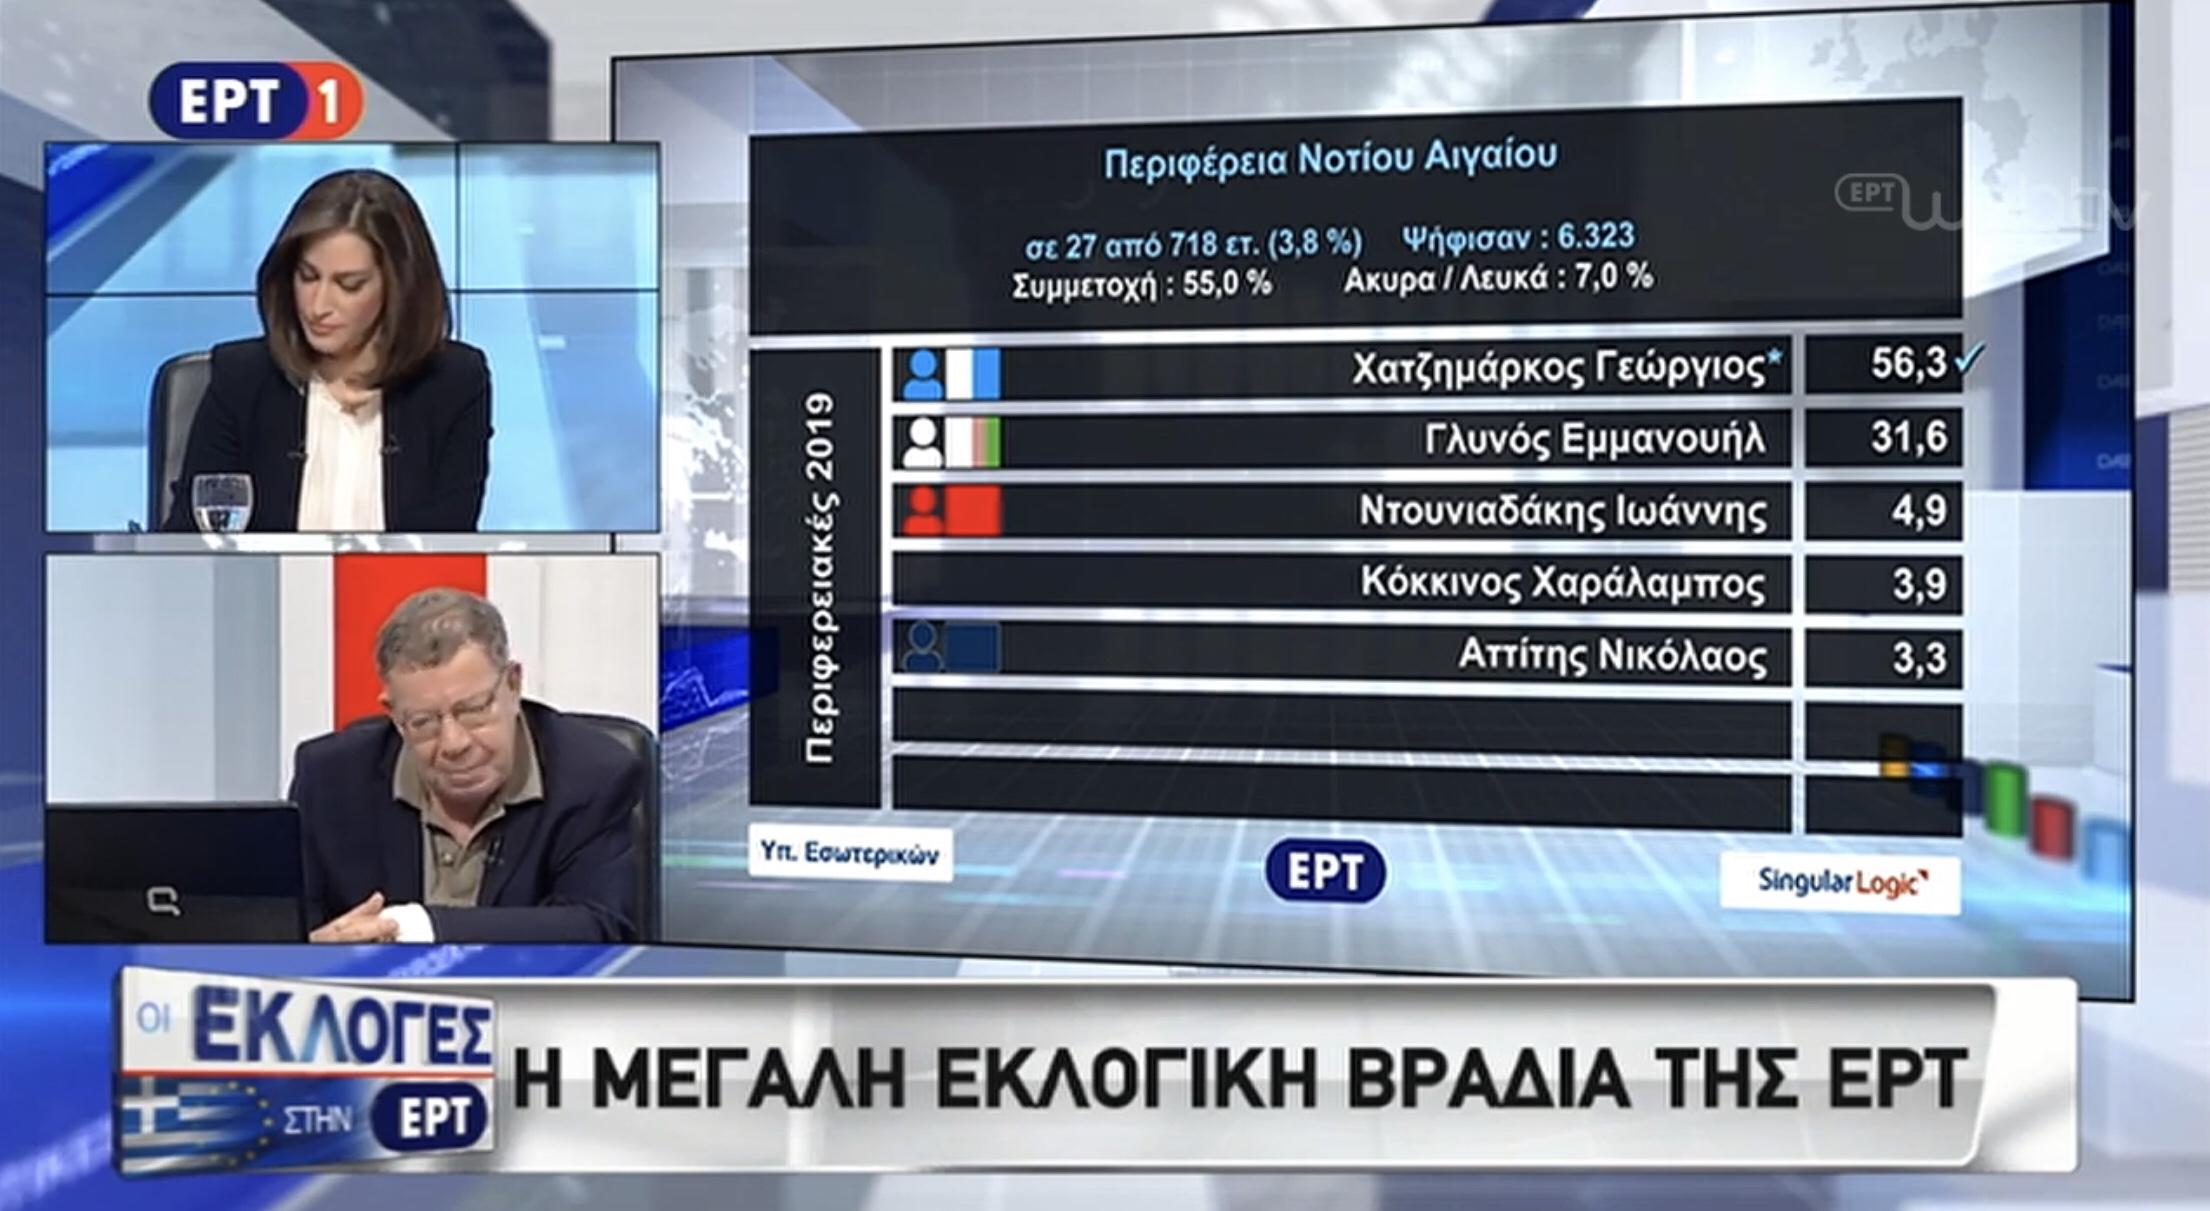 Και ο Νικολακόπουλος στην ΕΡΤ βλέπει επτά με οκτώ μονάδες διαφορά. Εάν επιβεβαιωθεί, ο πρωθυπουργός οφείλει να προκηρύξει πρόωρες εκλογές.